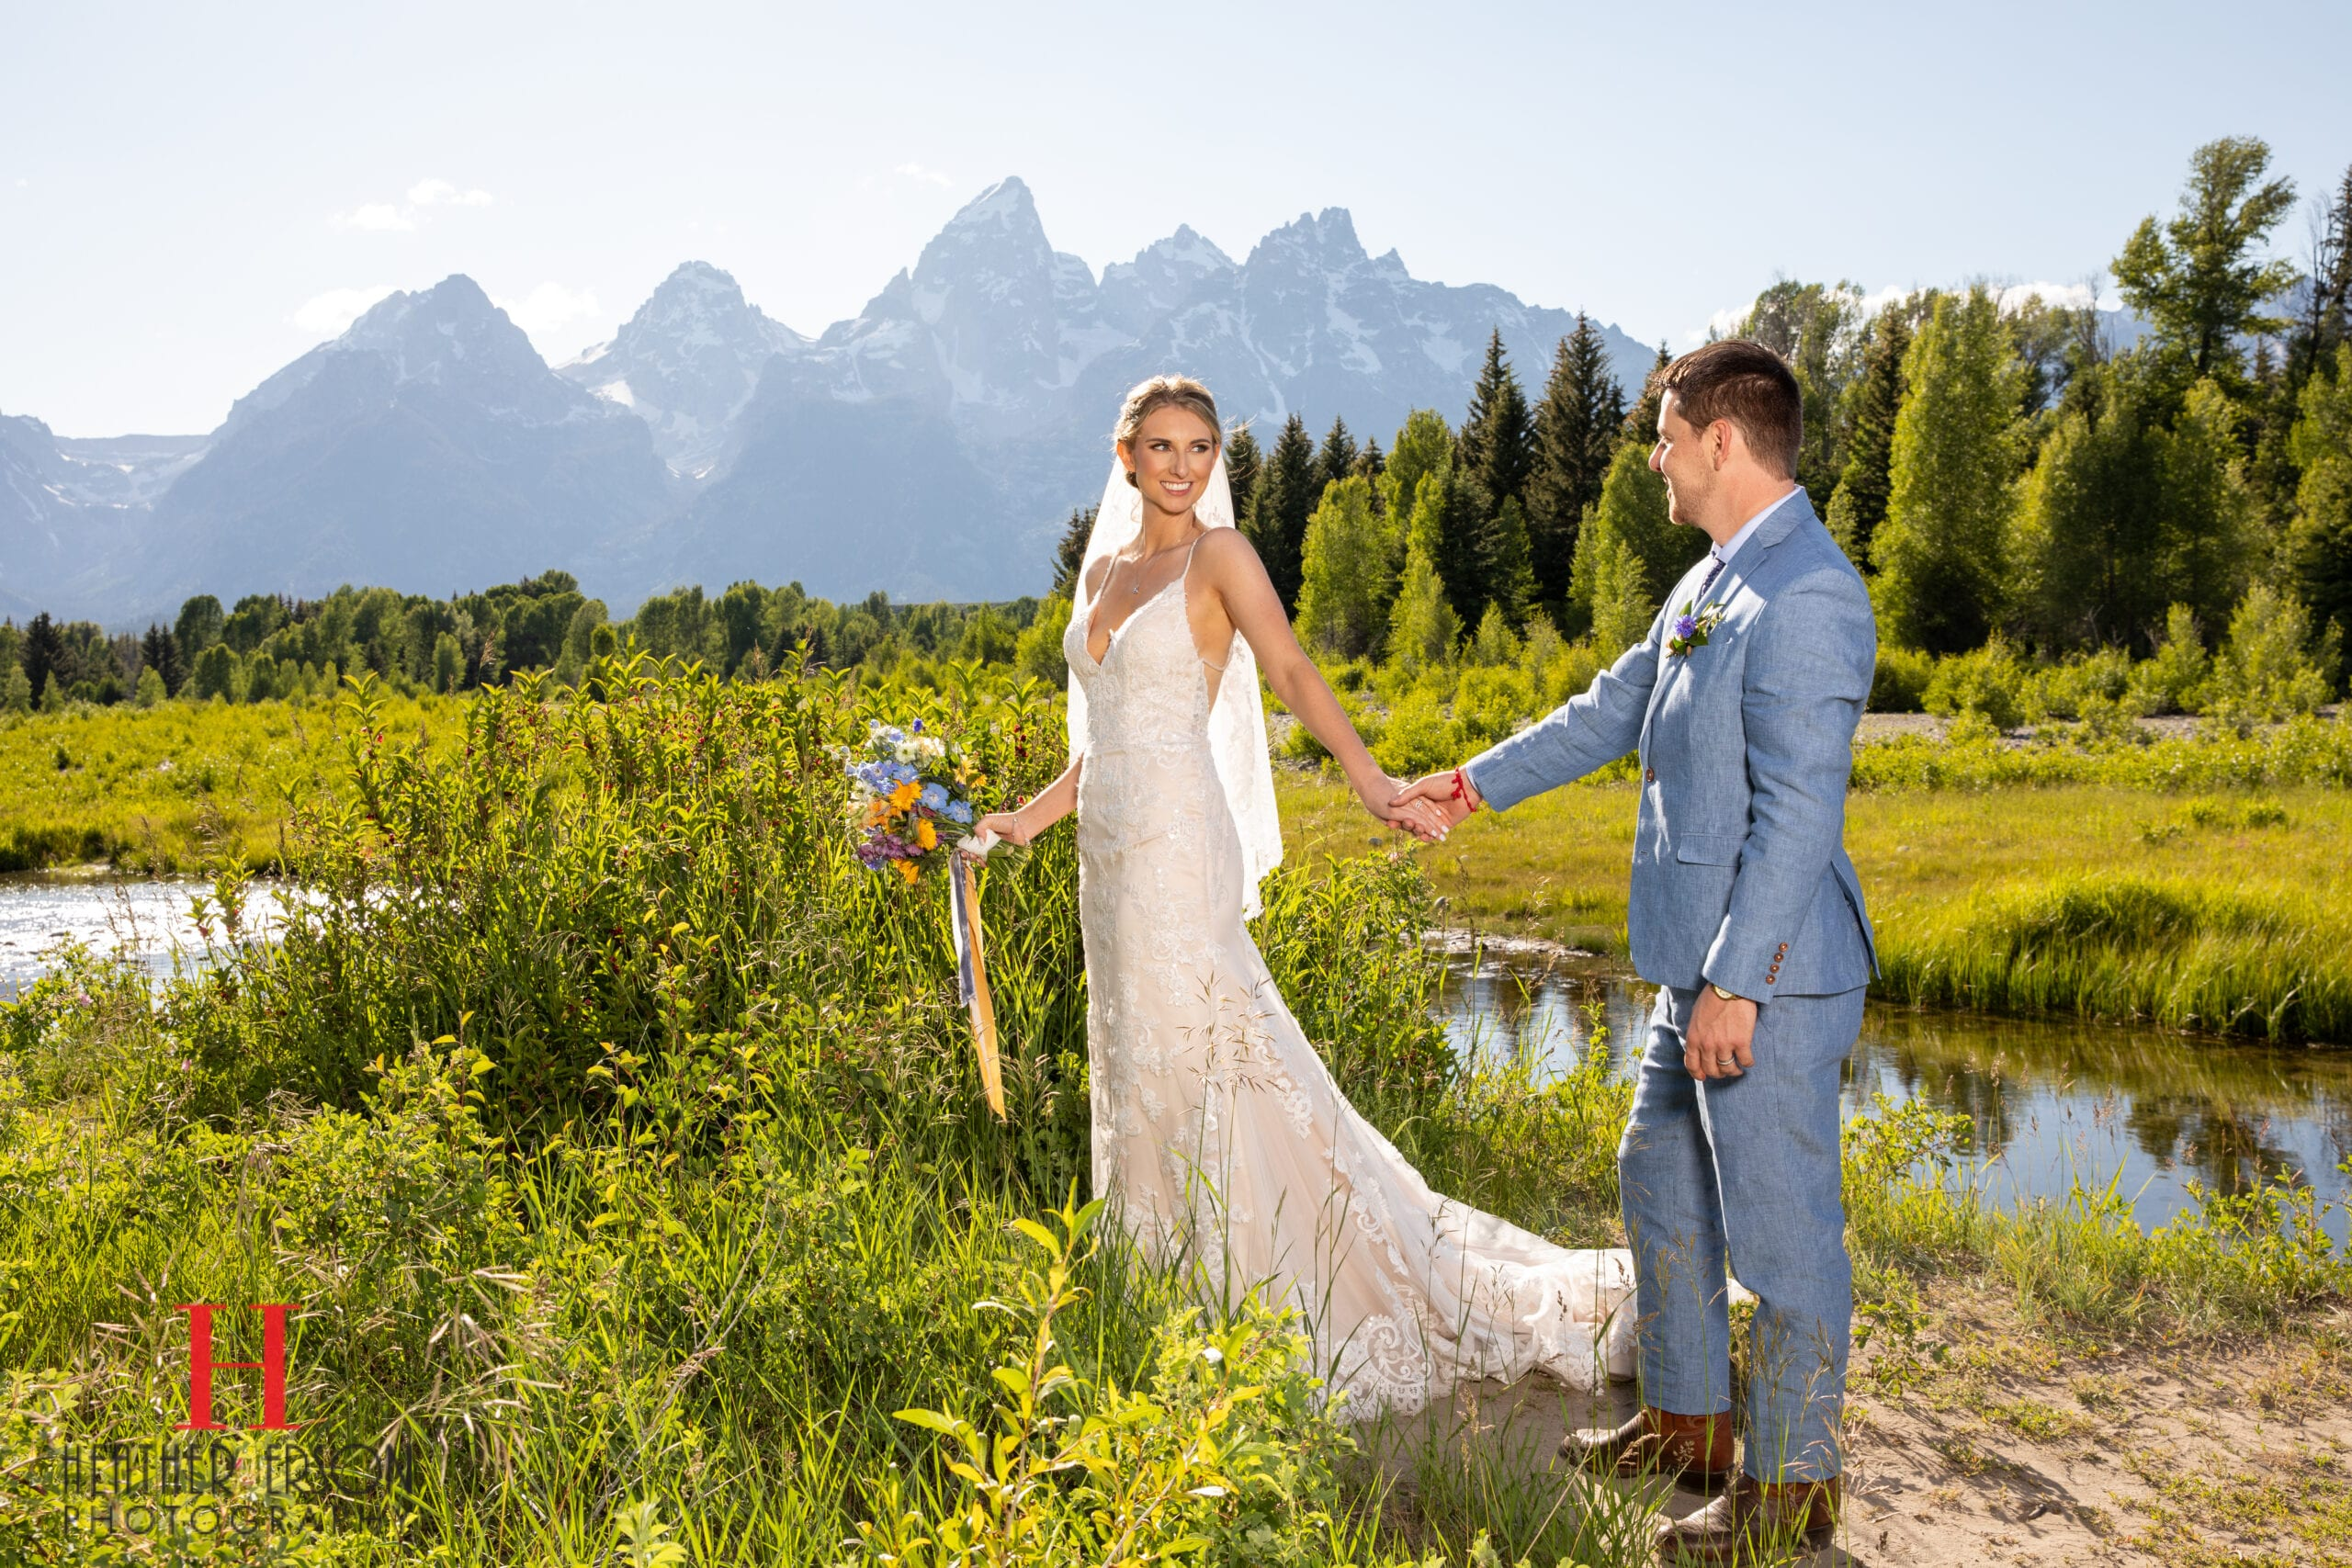 Heather Erson Photography Jackson Hole Wedding Photography